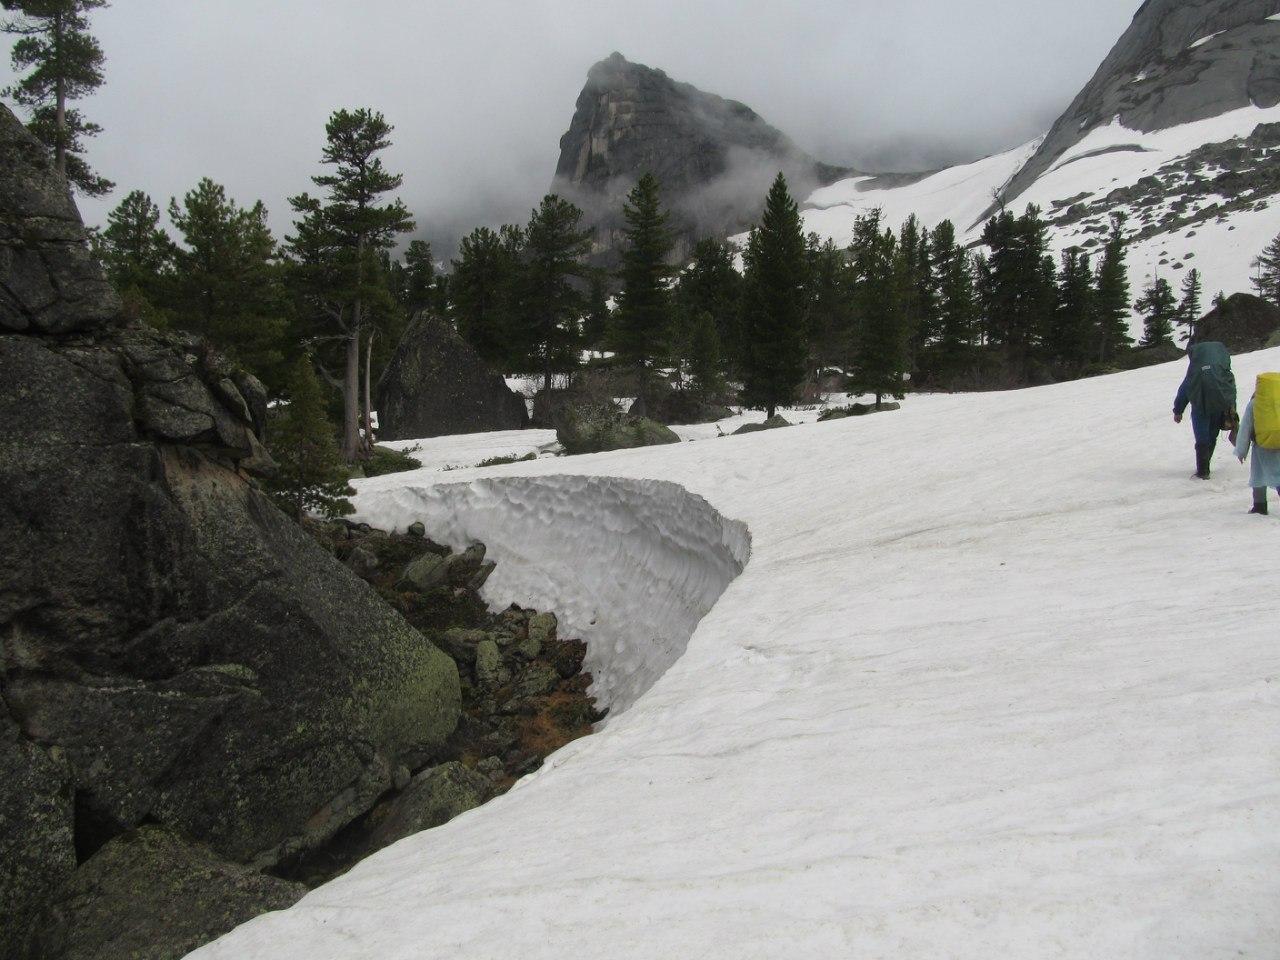 Около камней снег тает быстрее. Здесь можно оценить его глубину, люди в кадре для масштаба.